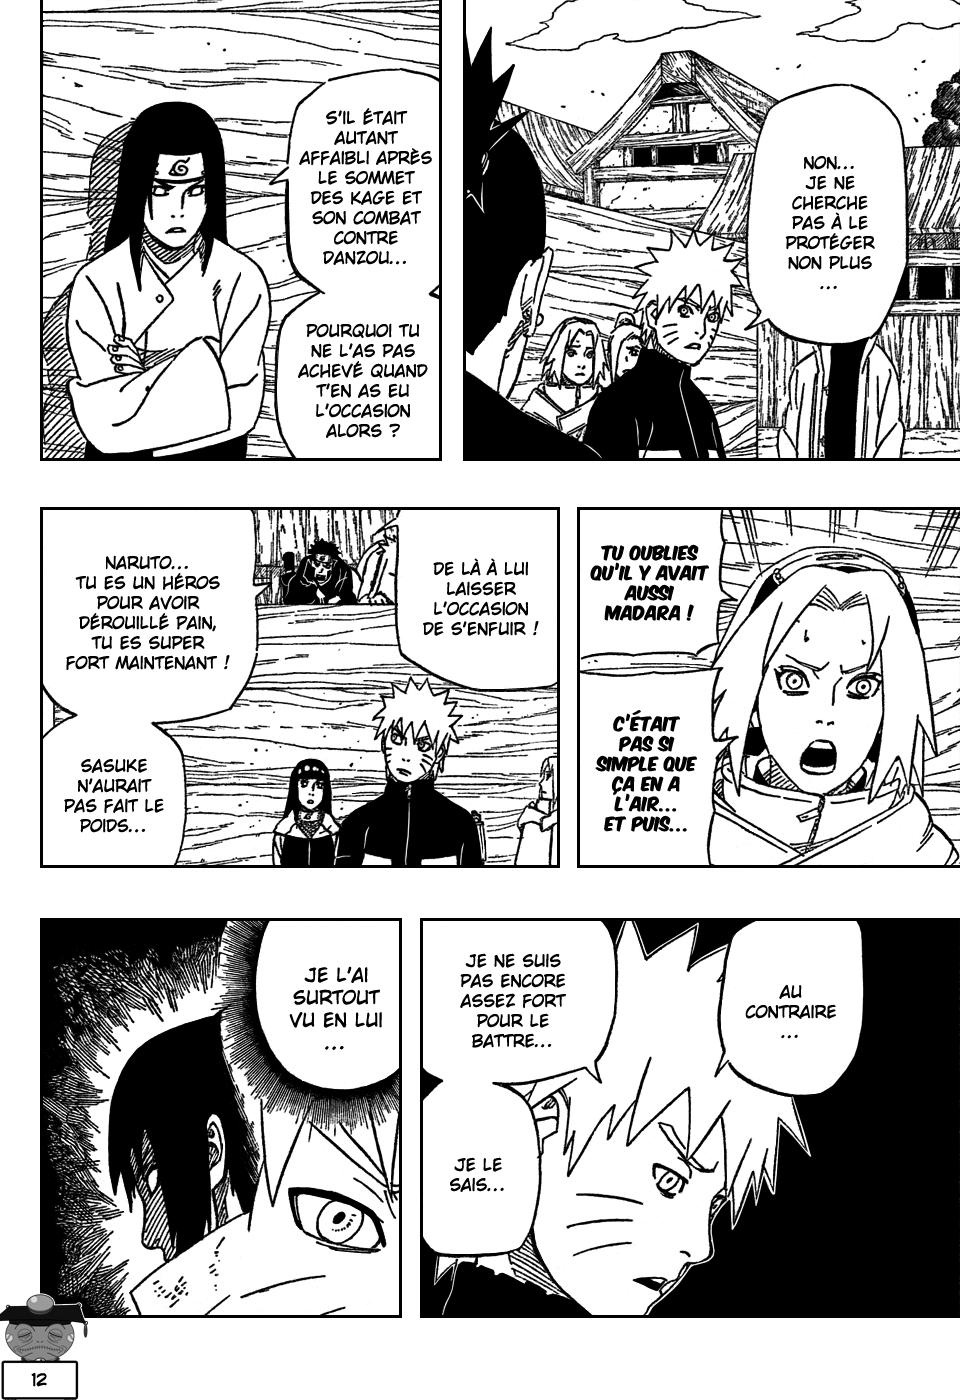 Naruto chapitre 488 - Page 12